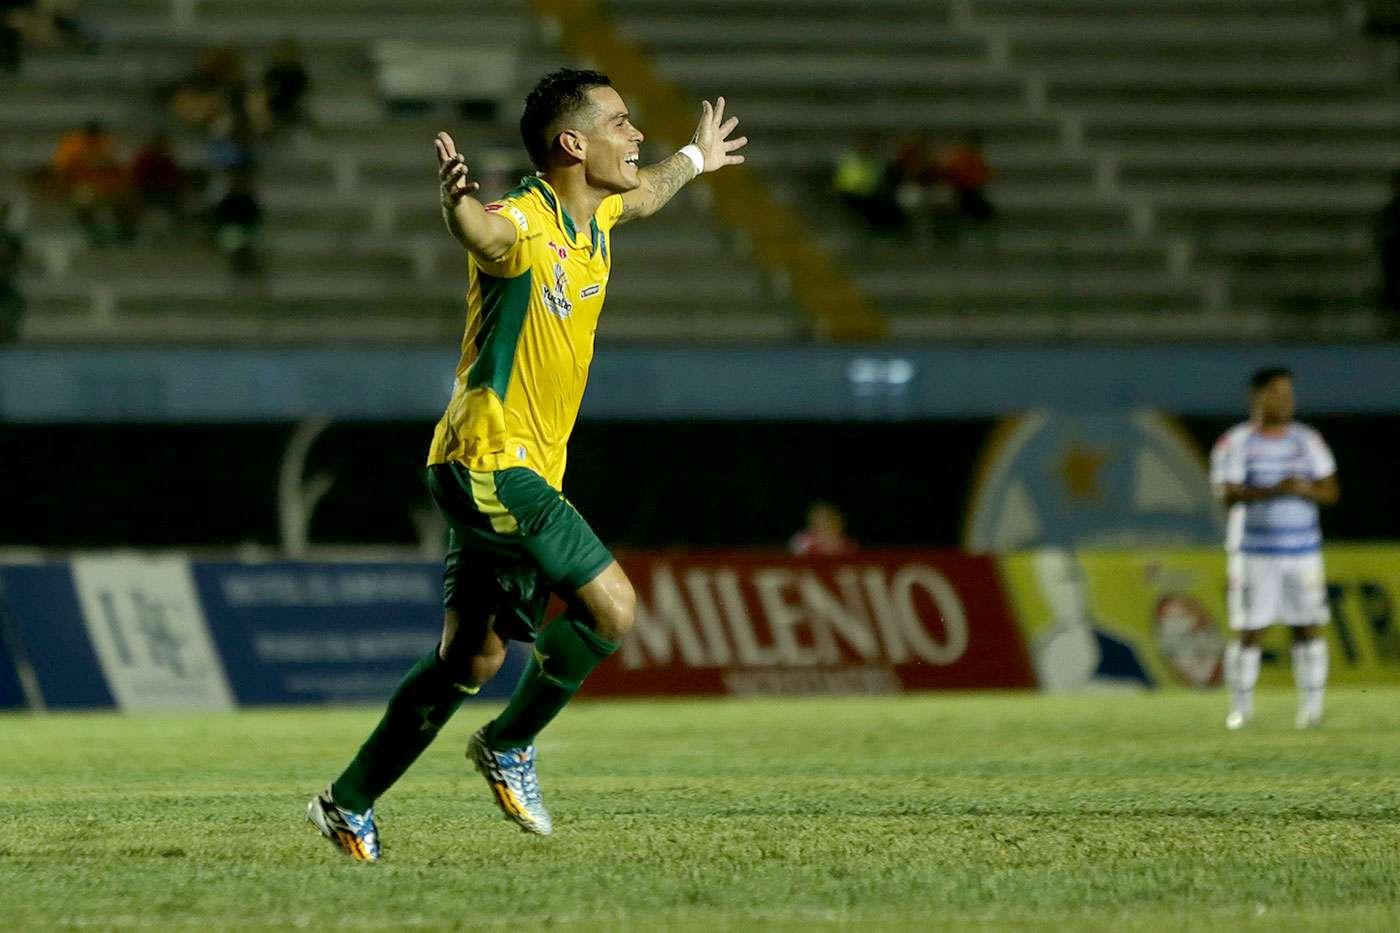 Con gol de Luis Alberto Acuña, Mérida derrotó 1-0 al Atlante en la ida de la llave 3 del grupo 6 de la Copa MX en partido celebrado en el estadio Carlos Iturralde. Foto: Jorge Peña Acosta/Imago 7